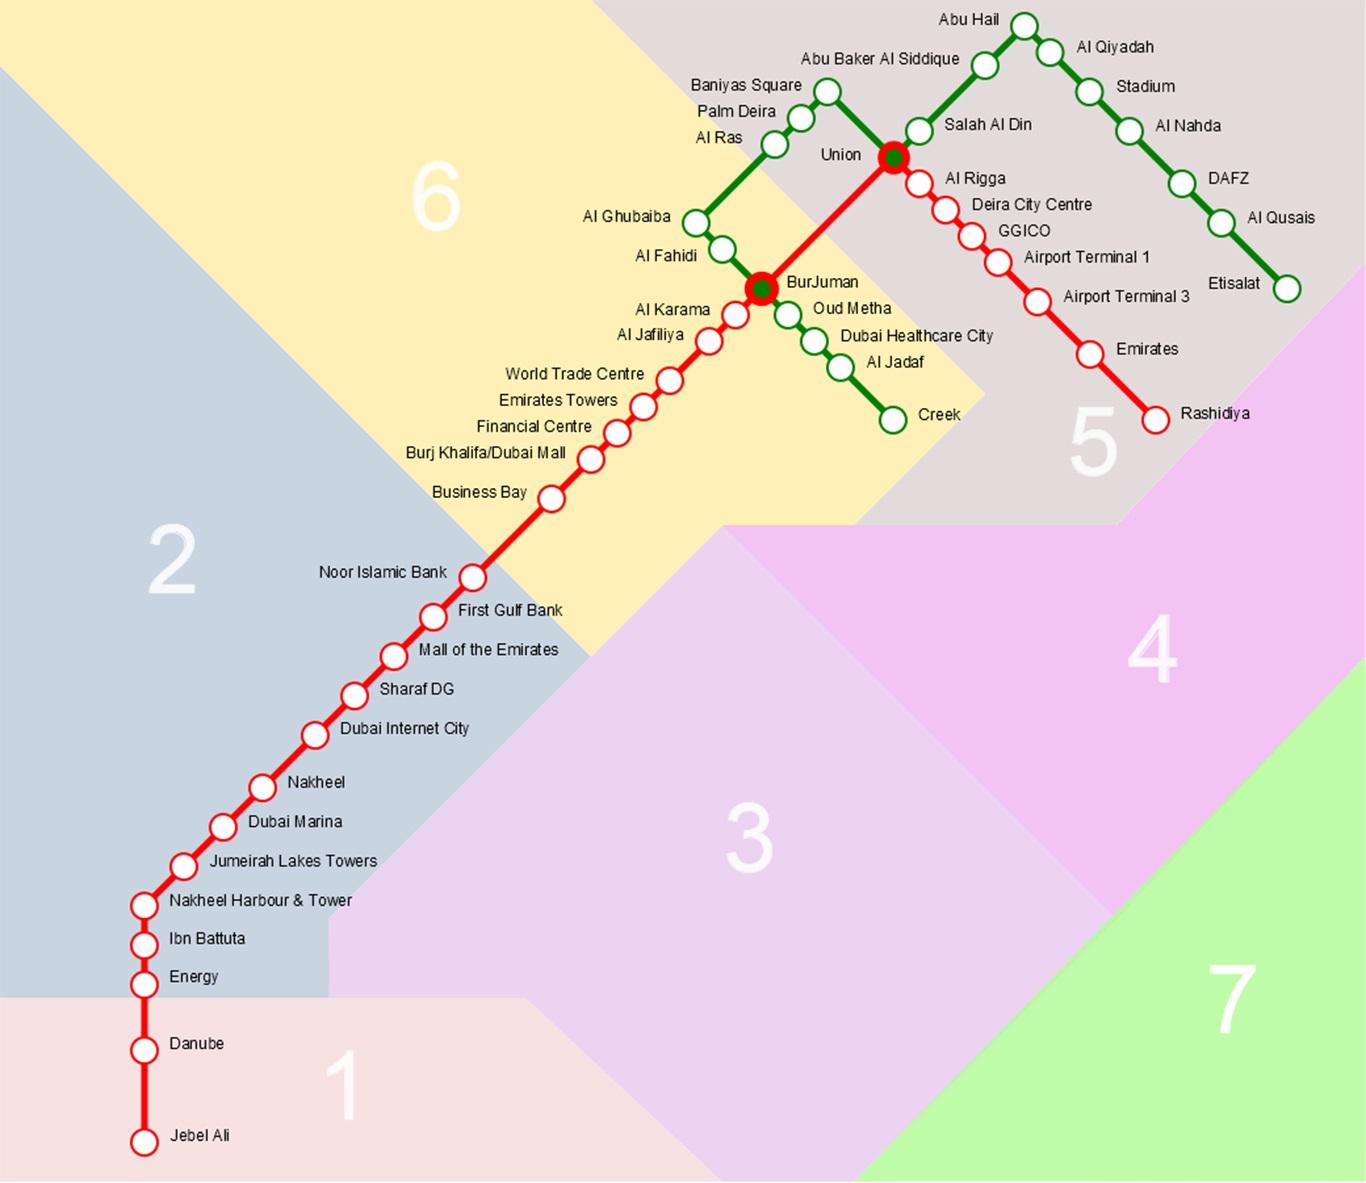 Схема метро Дубая с указанием транспортных зон